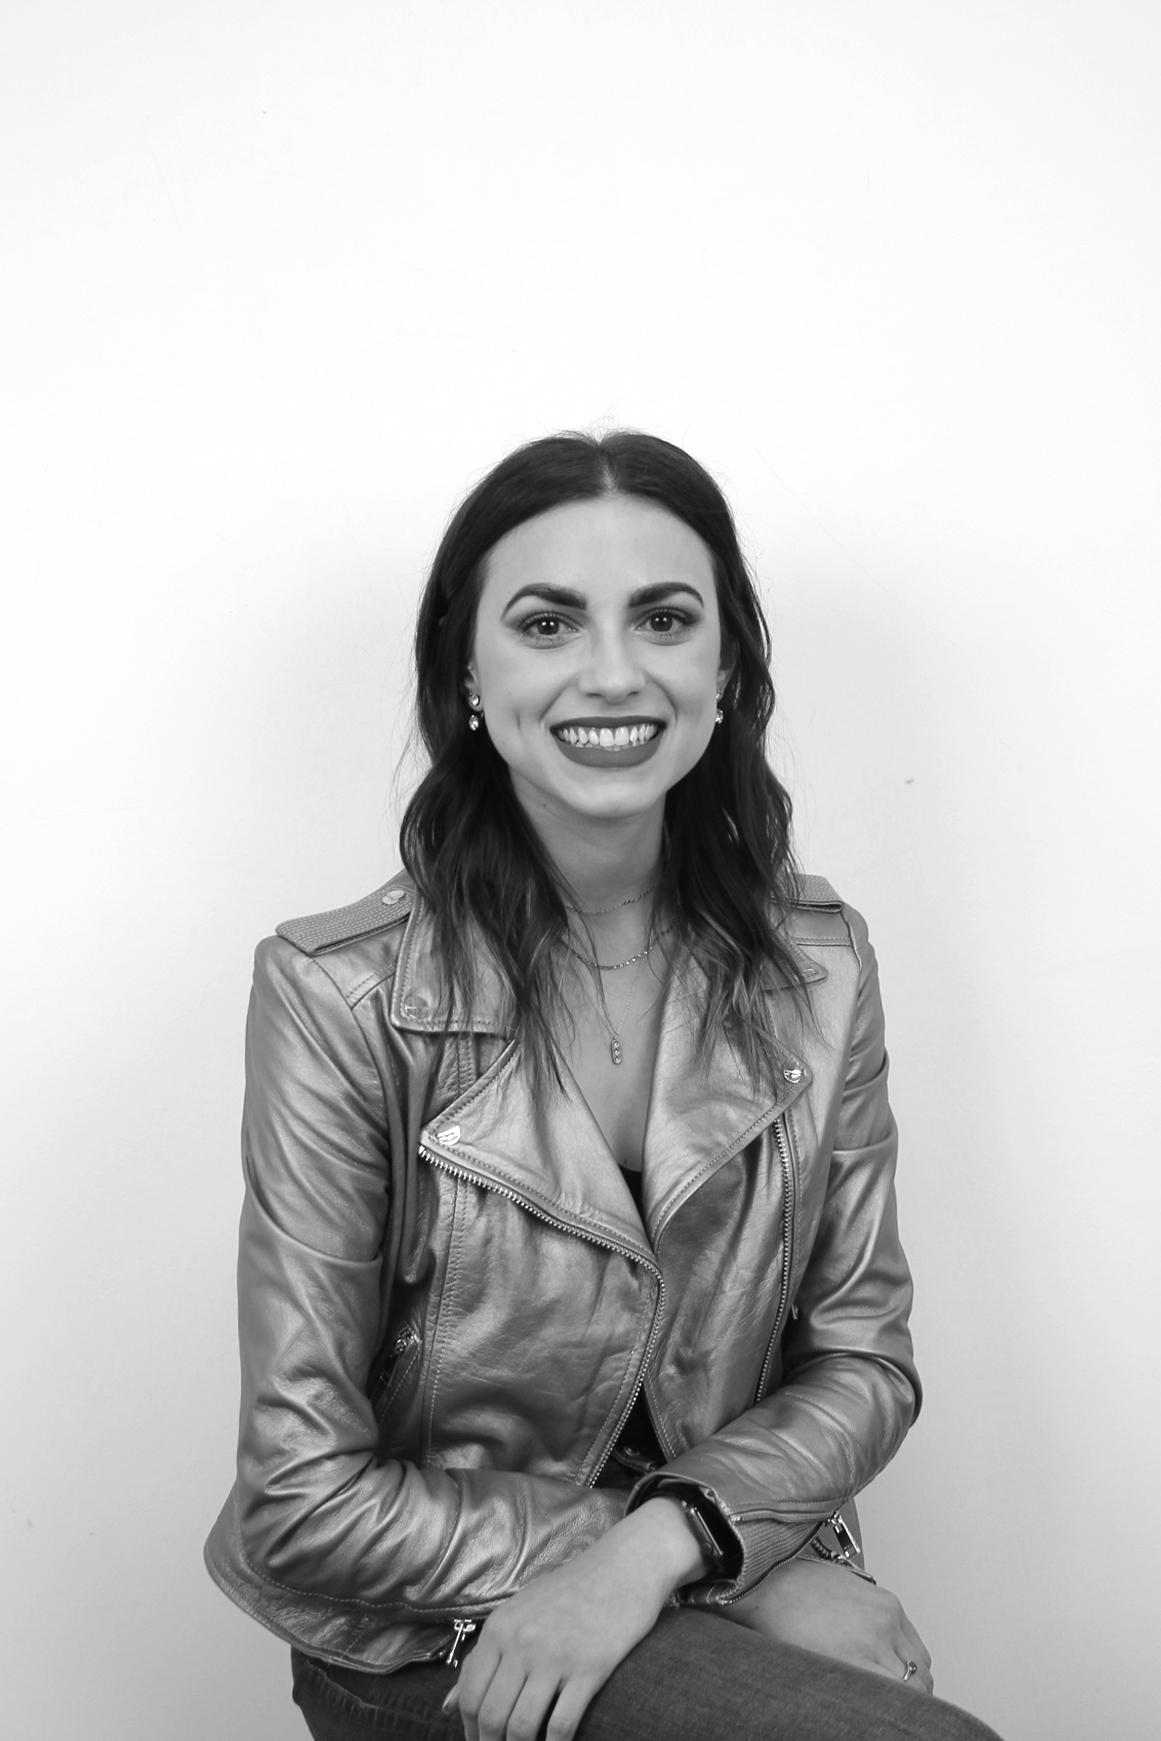 Emily Bastaroli